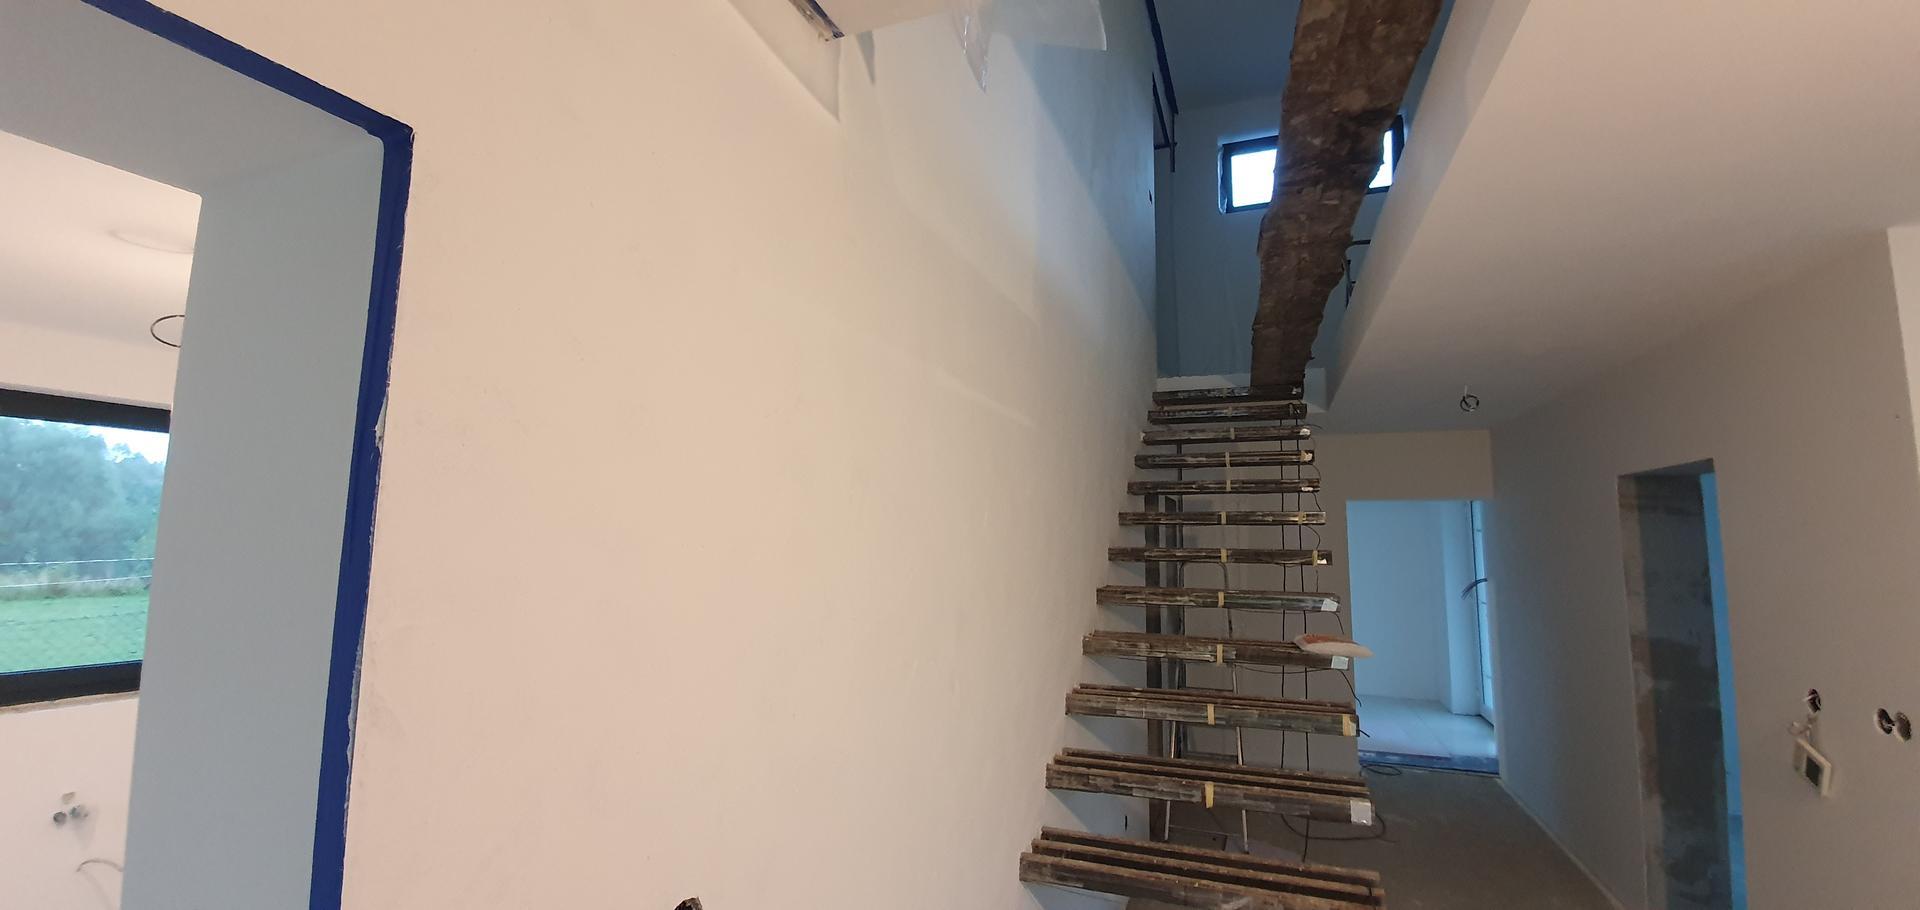 Konzolove schodisko (samonosne schody) - Obrázok č. 31